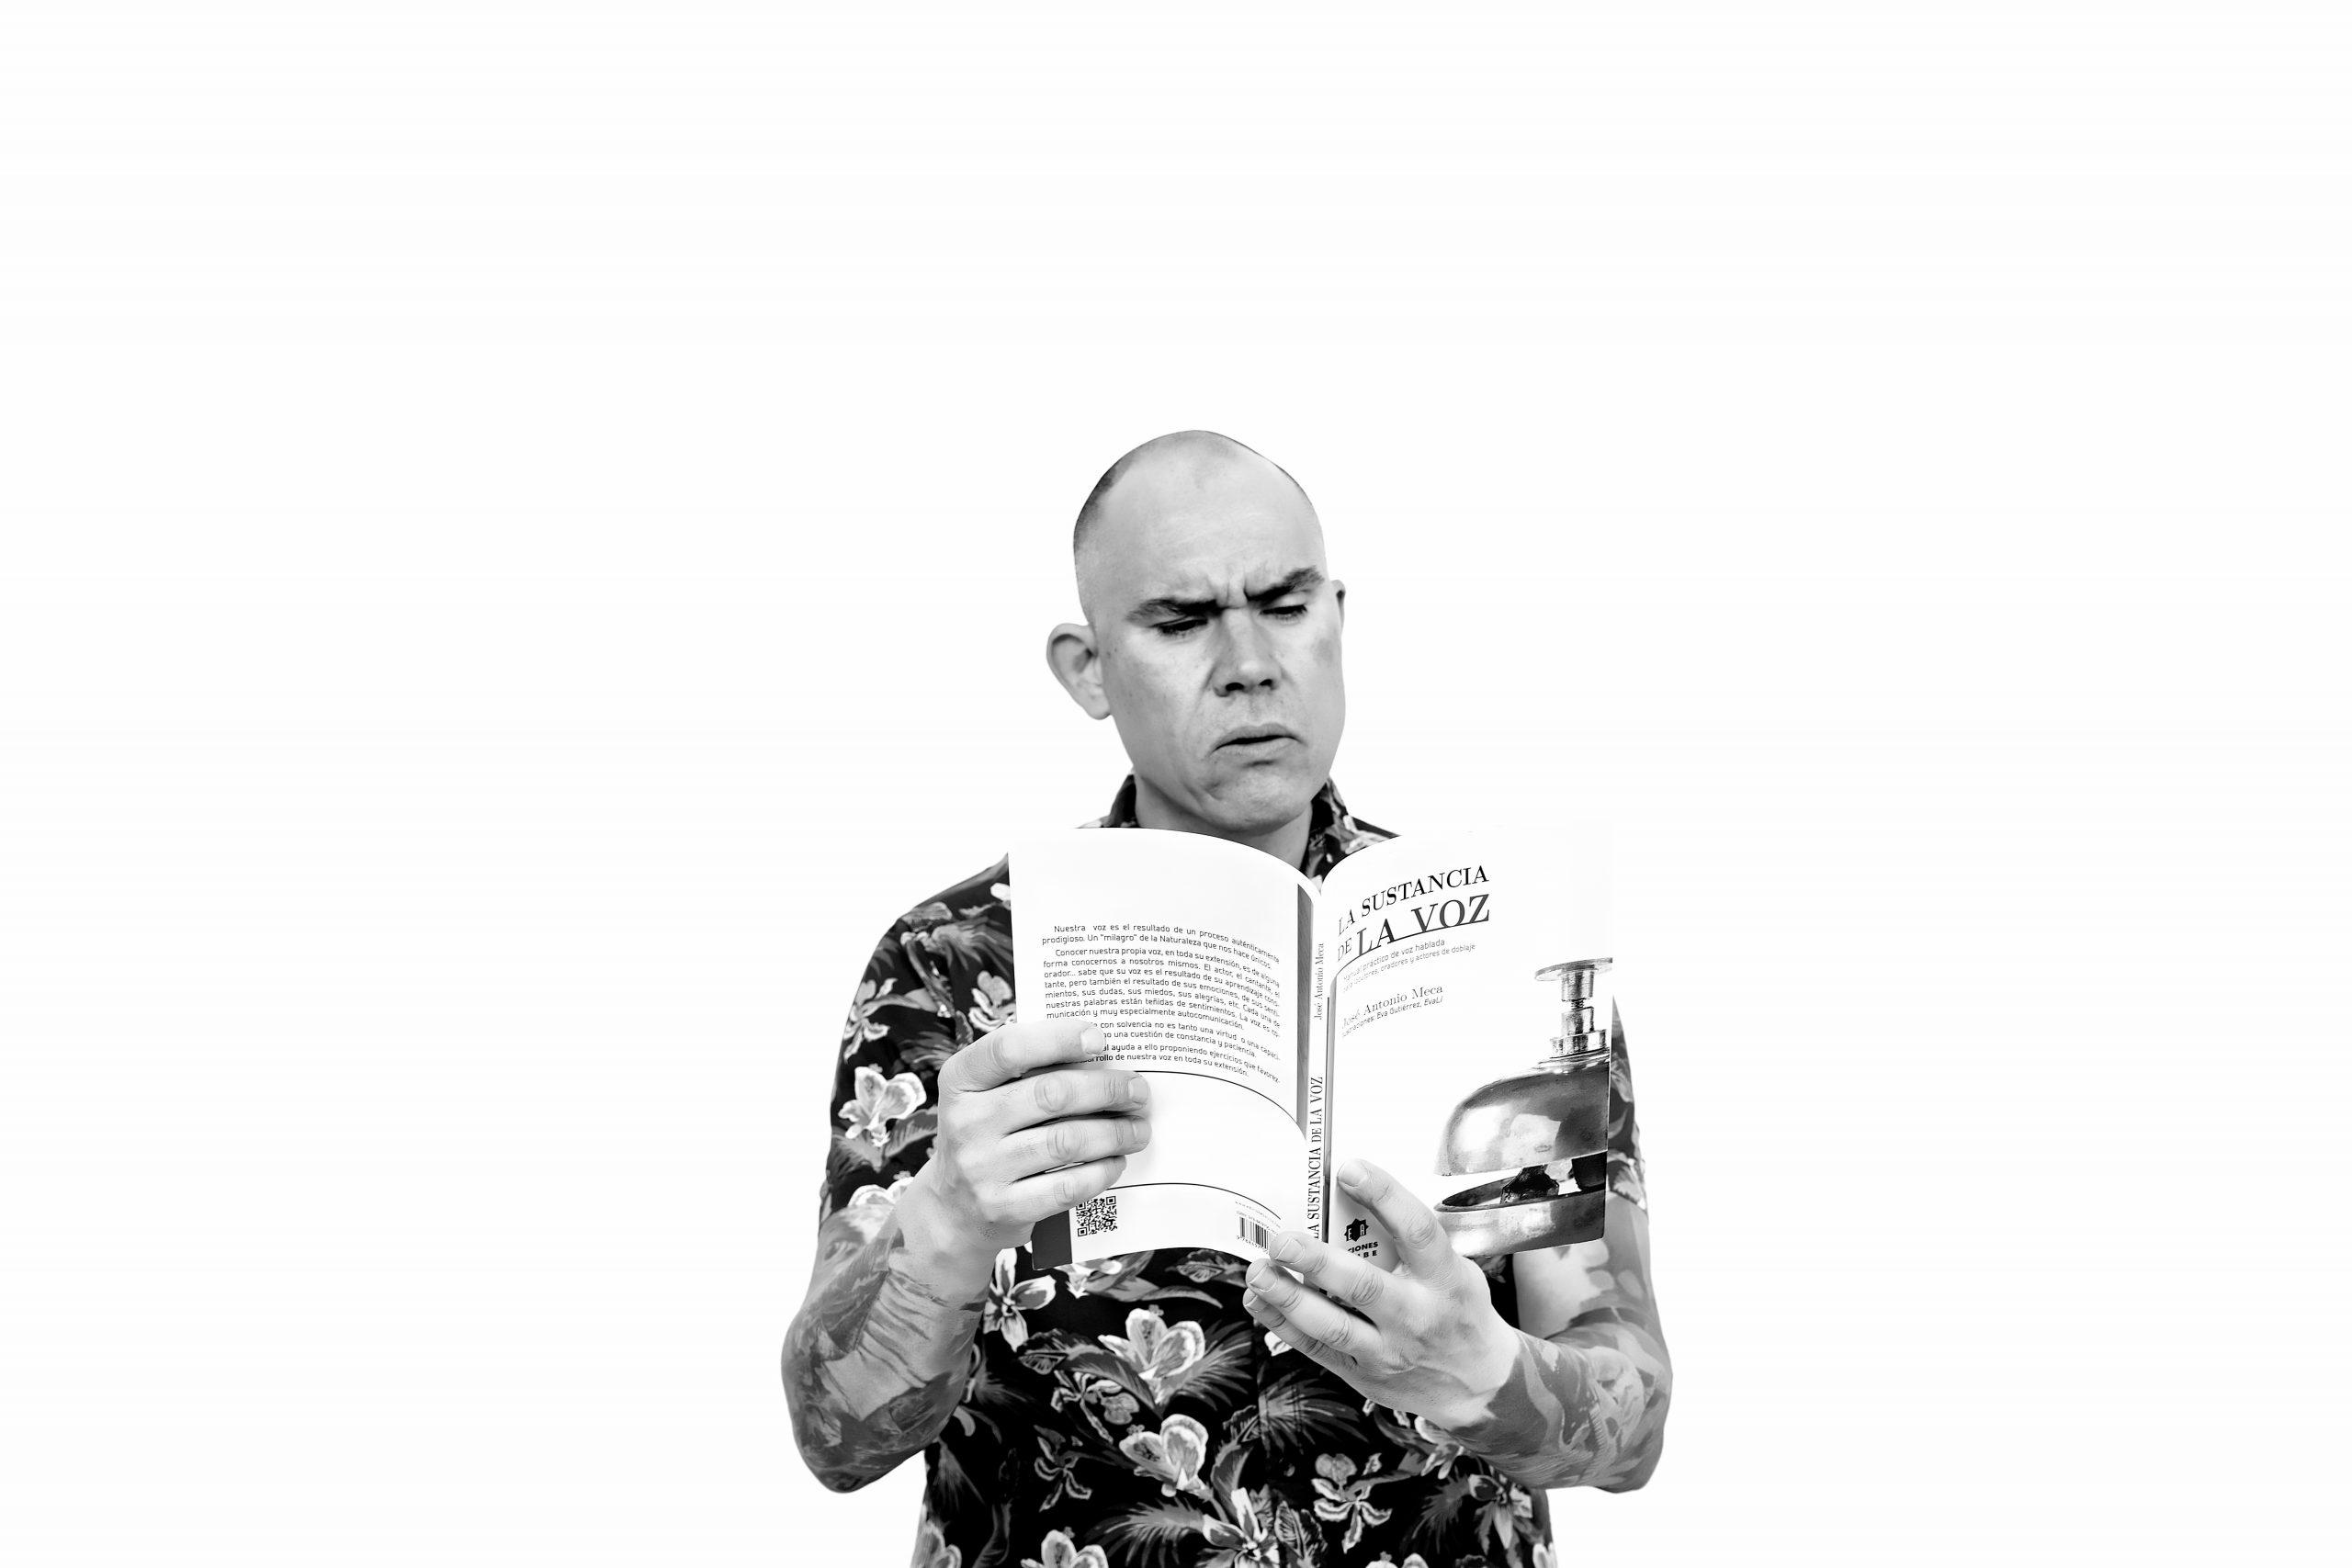 Ricky Delgado Locutor leyendo audiolibros voiceover